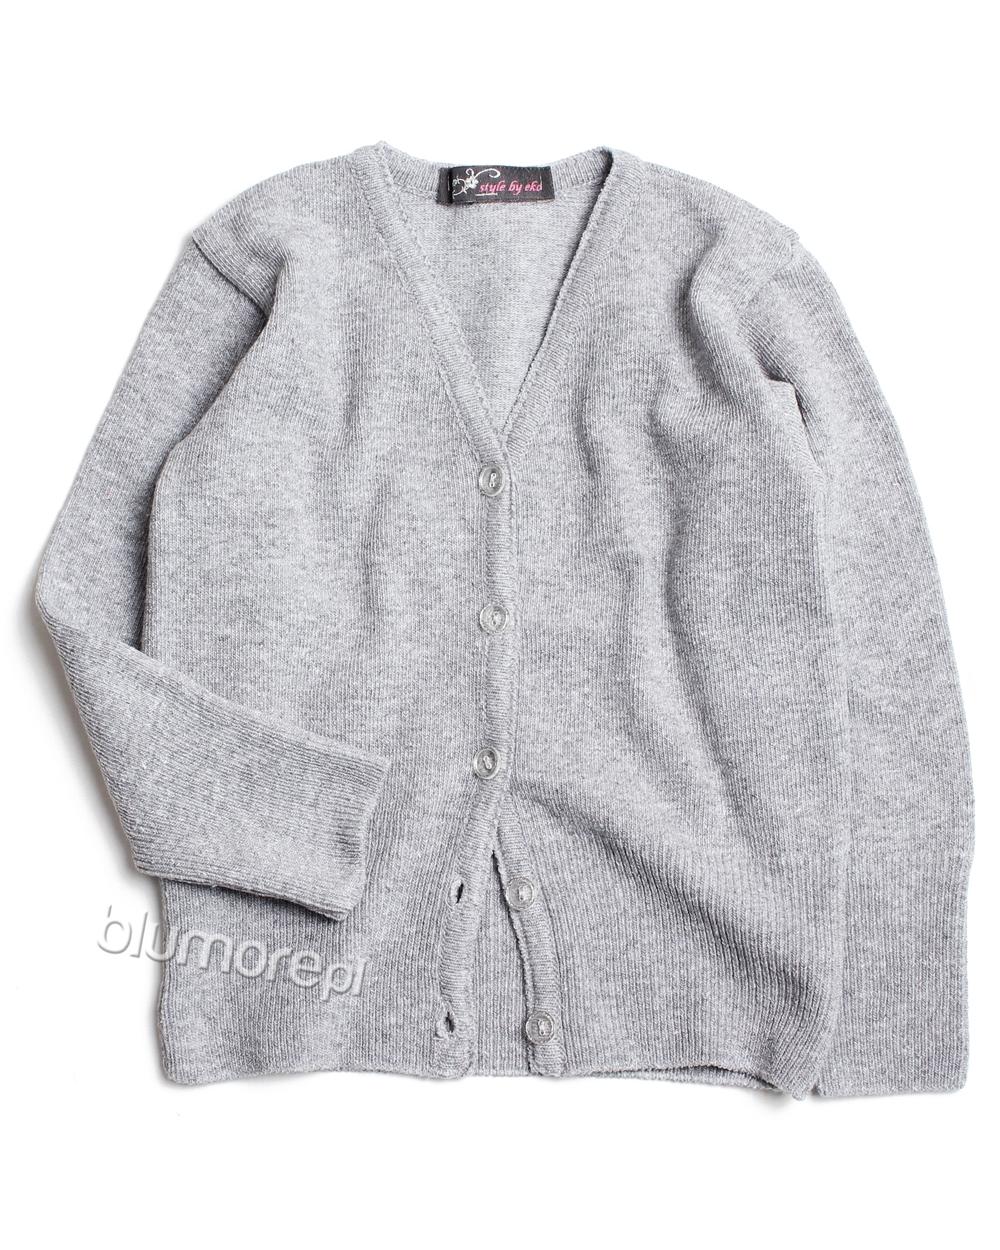 f0bfe8468a Modny sweterek dla dziewczynki 104 - 146 DZ-336 szary